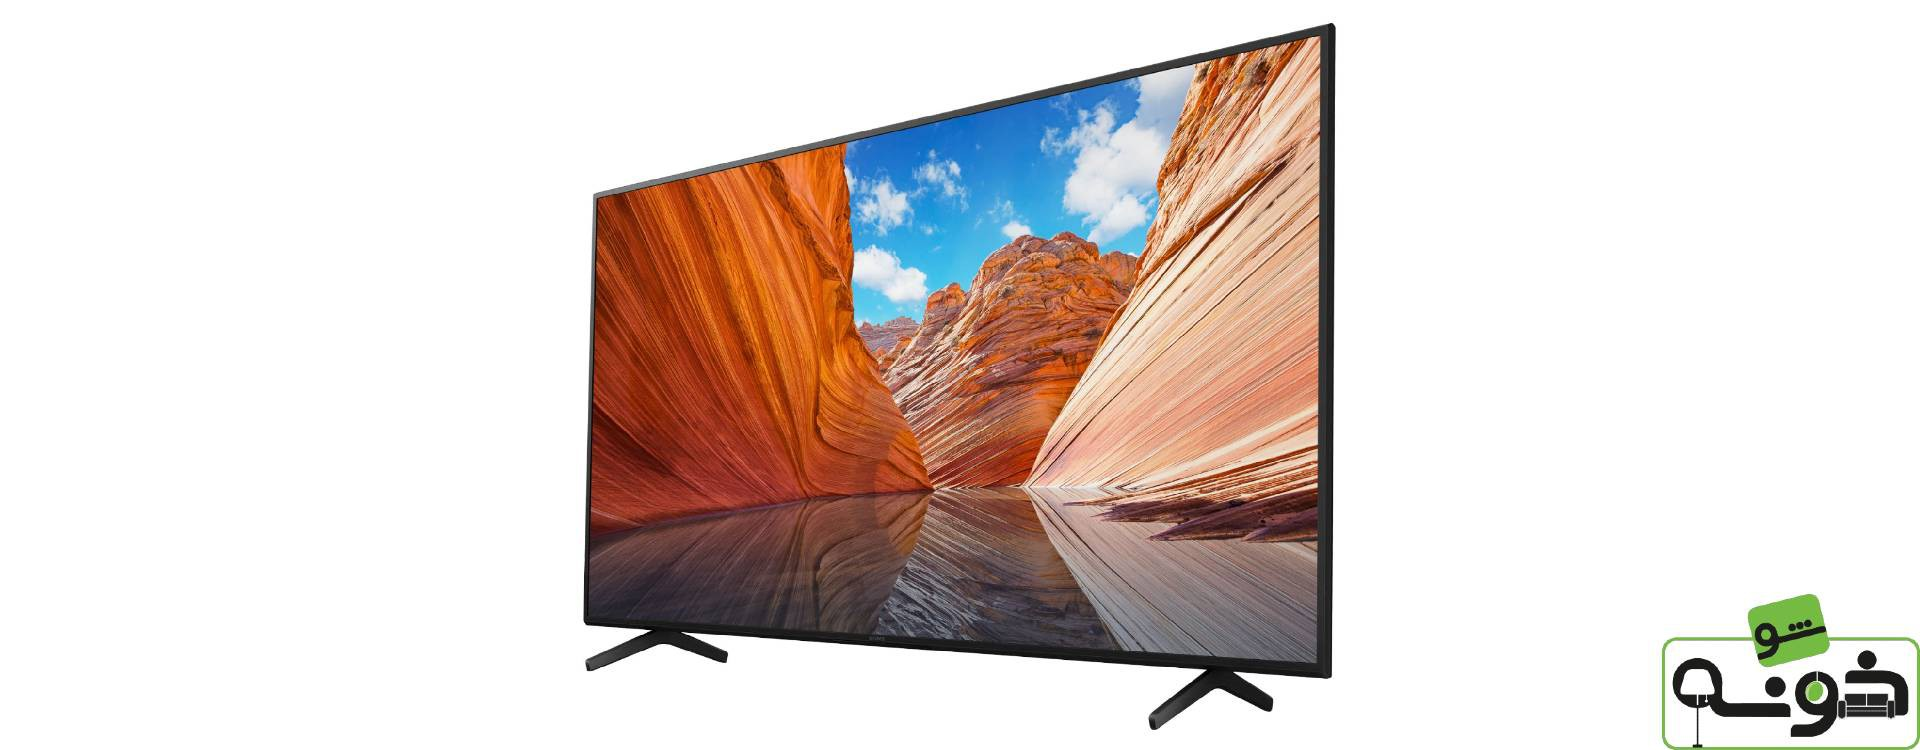 انتخاب اندازه تلویزیون بر چه اساسی و چرا اهمیت دارد